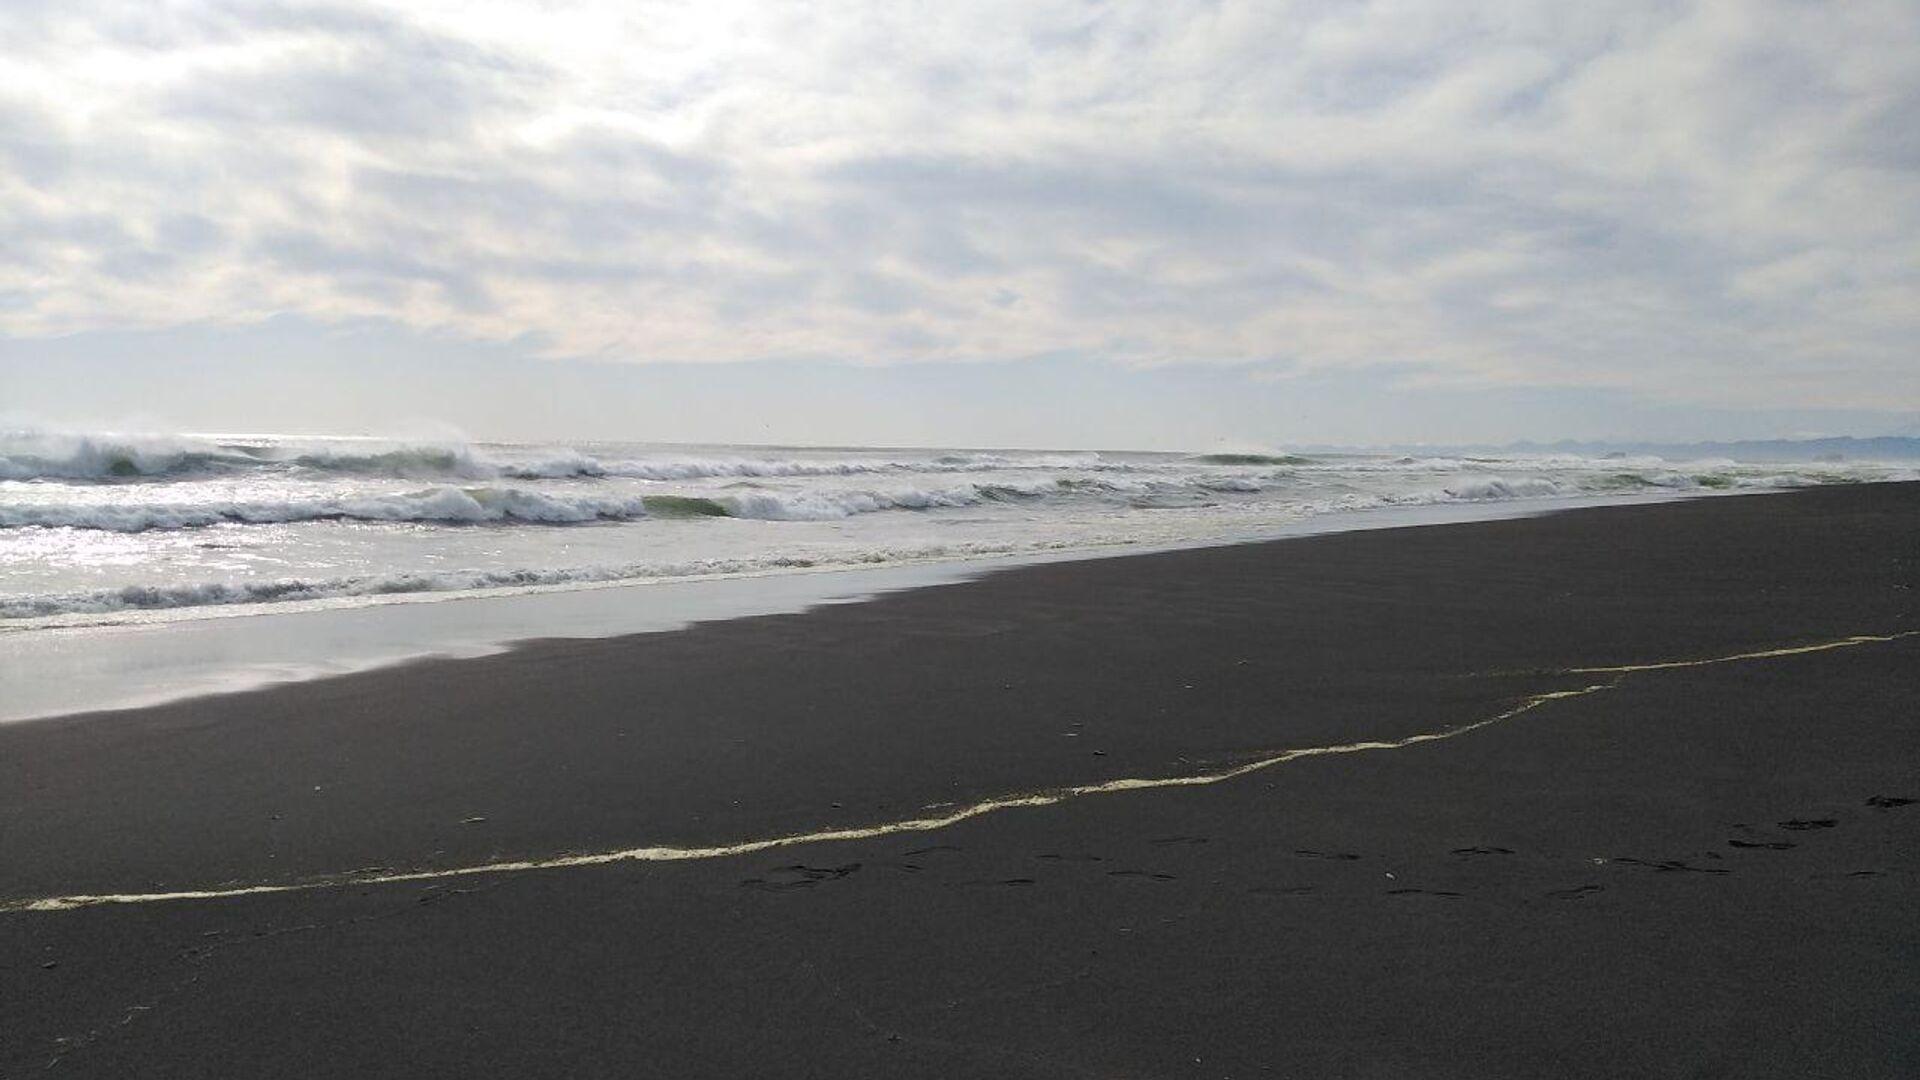 У побережья Камчатки произошло землетрясение магнитудой 4,7